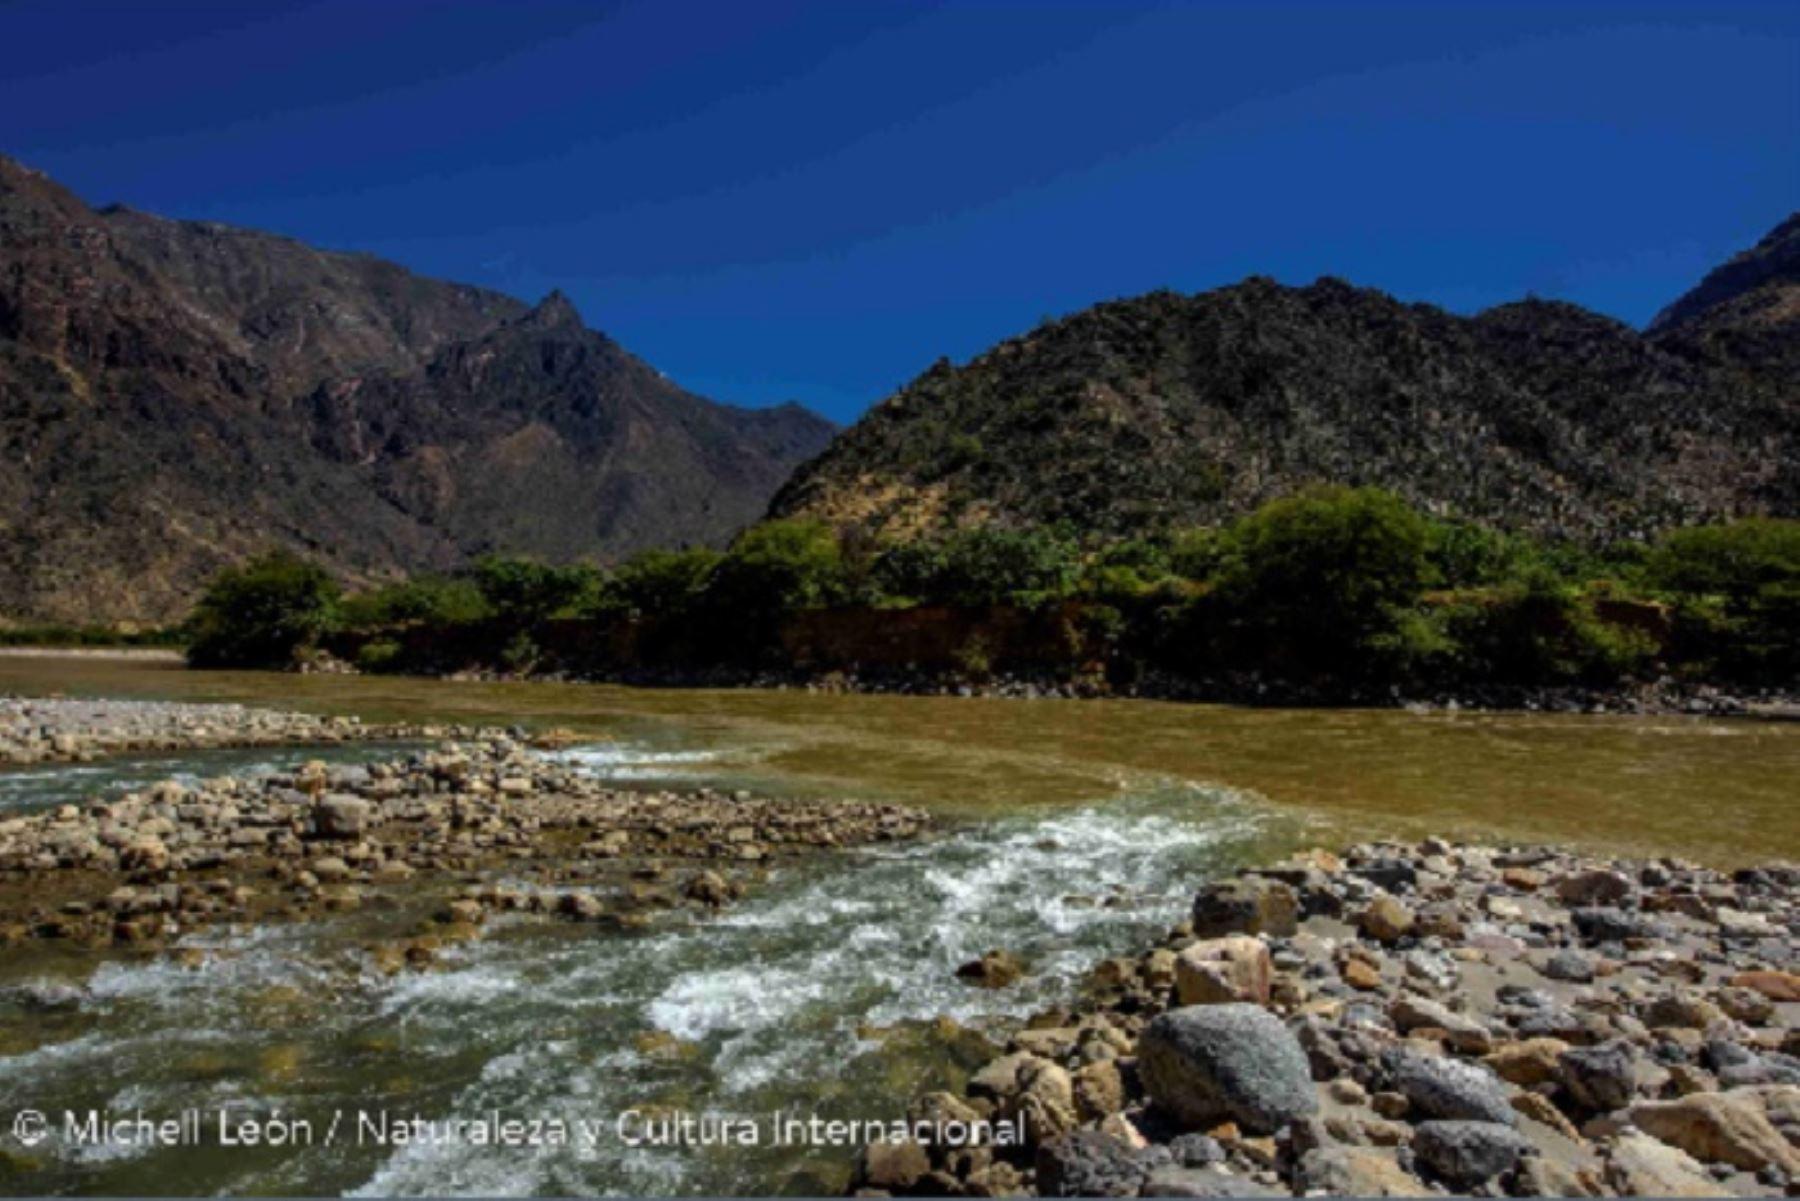 Con la nueva Área de Conservación Regional Bosques Secos del Marañón, se protegerá 21, 794.71 hectáreas, de una de las ecorregiones escasamente representadas en el SINANPE (0.6 % actualmente); donde se ha registrado 65 especies de flora, 55 especies de aves, 4 de reptiles y 5 mamíferos.